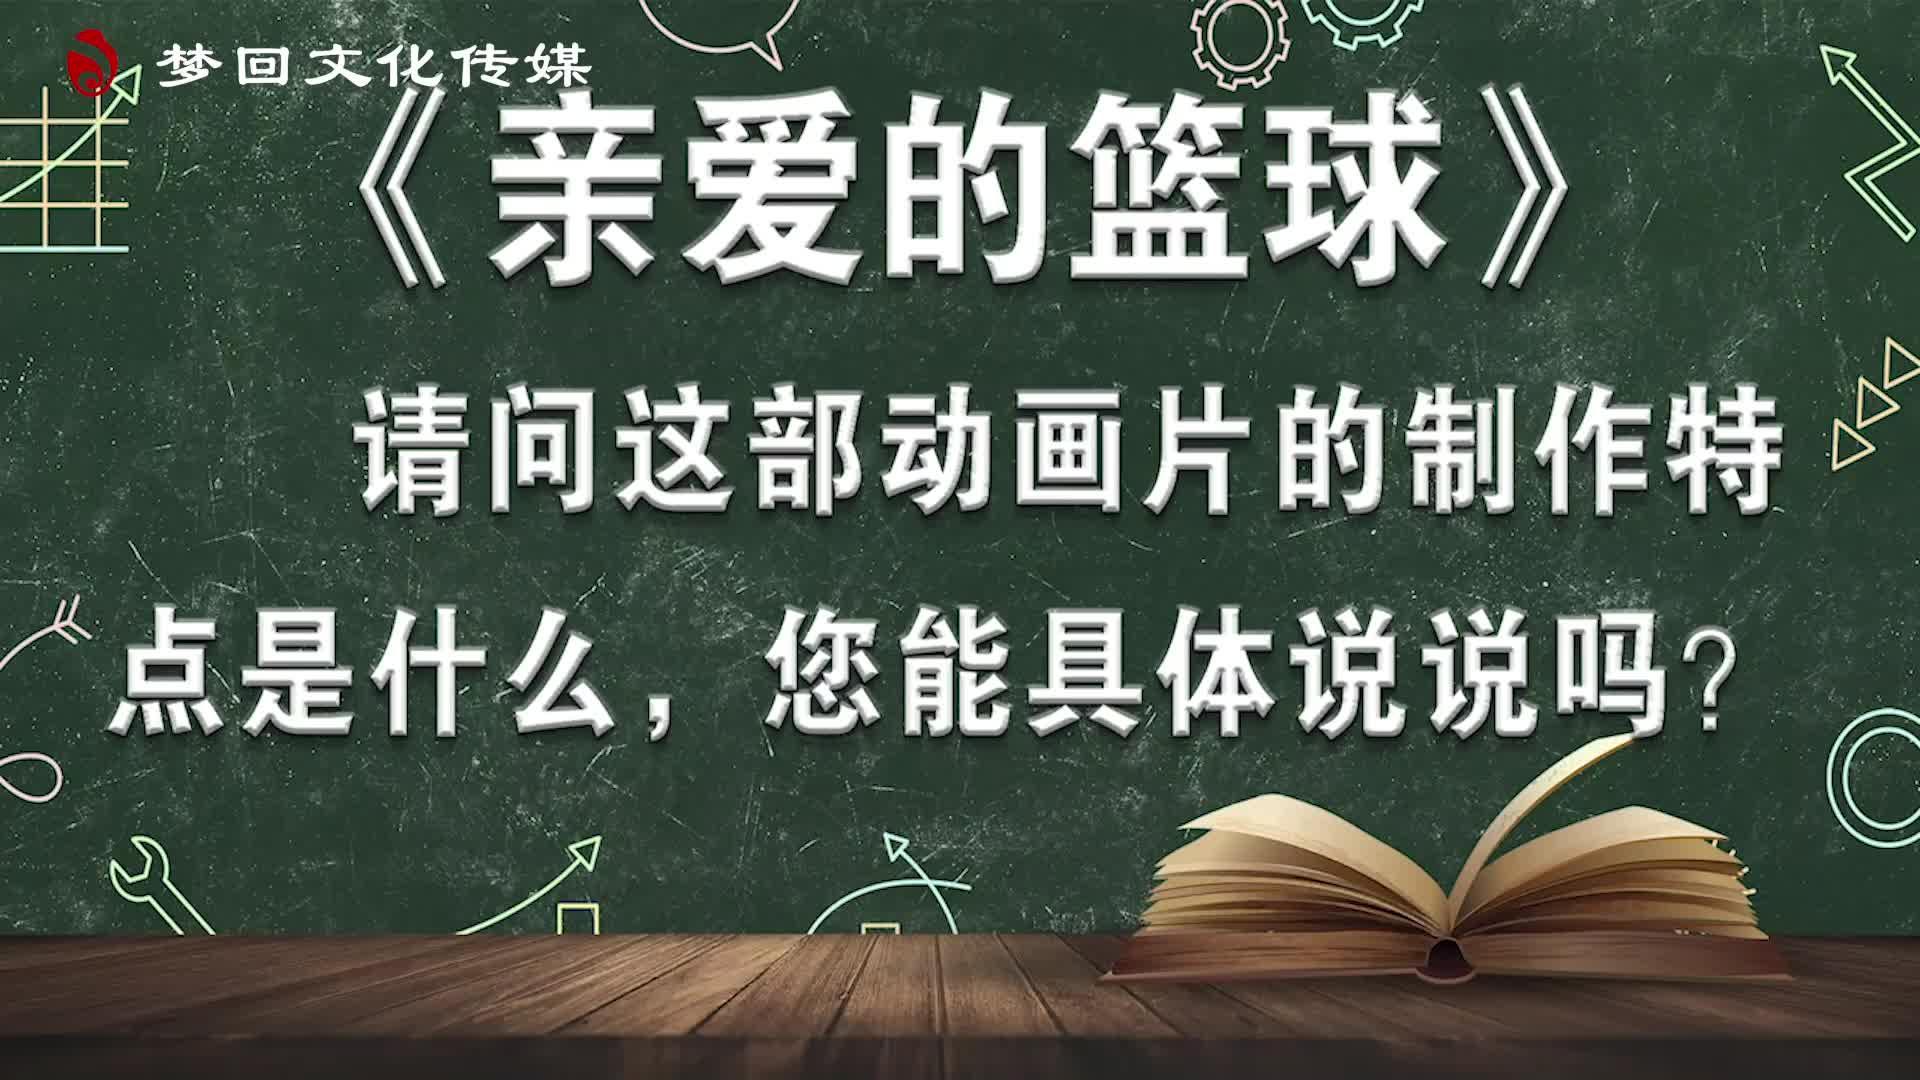 【赵老师的电影课】亲爱的篮球(二)